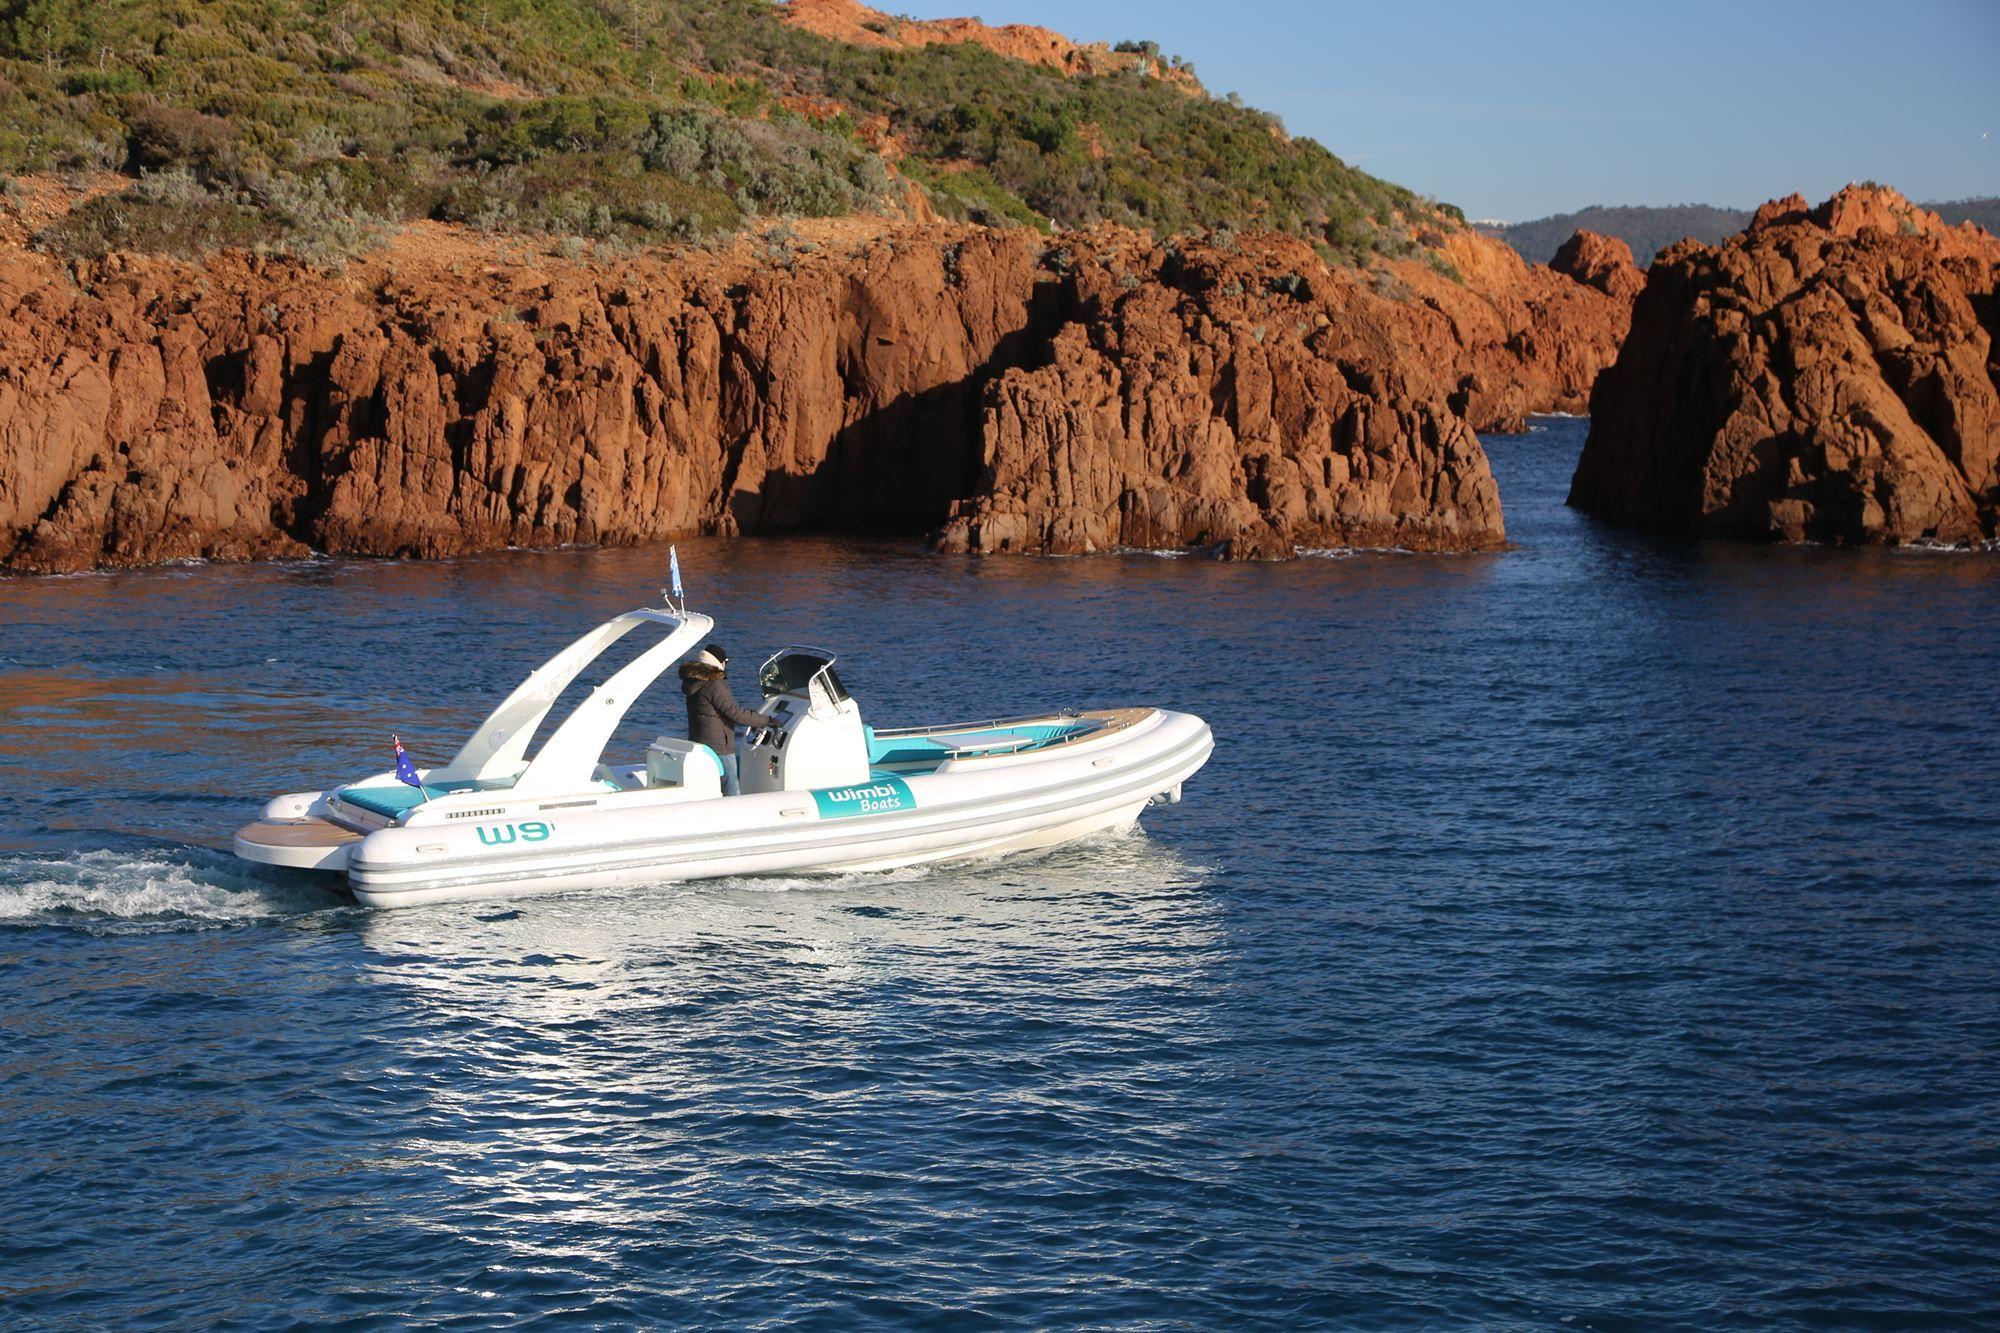 Zodiac Pneumatique Bateau Yacht Semirigide Ocean W9i